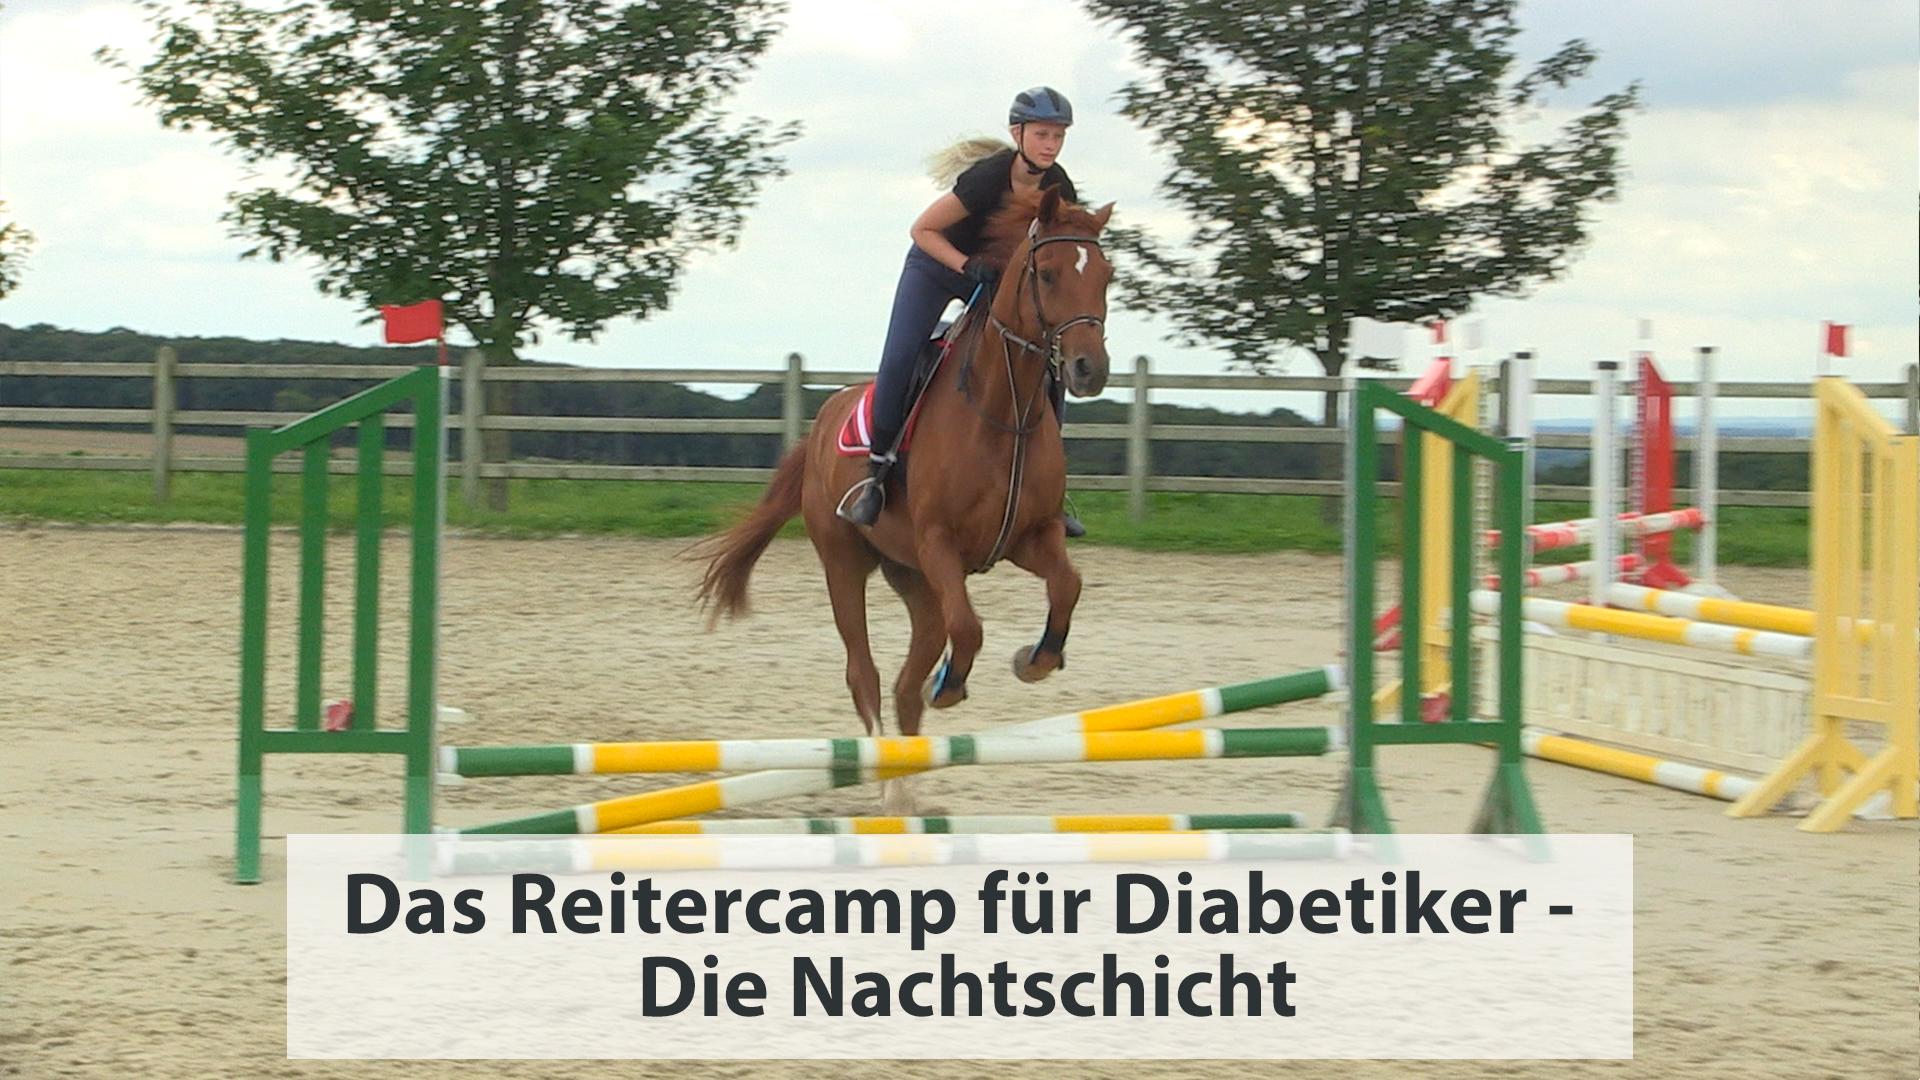 Das Reitercamp für Diabetiker – Die Nachtschicht